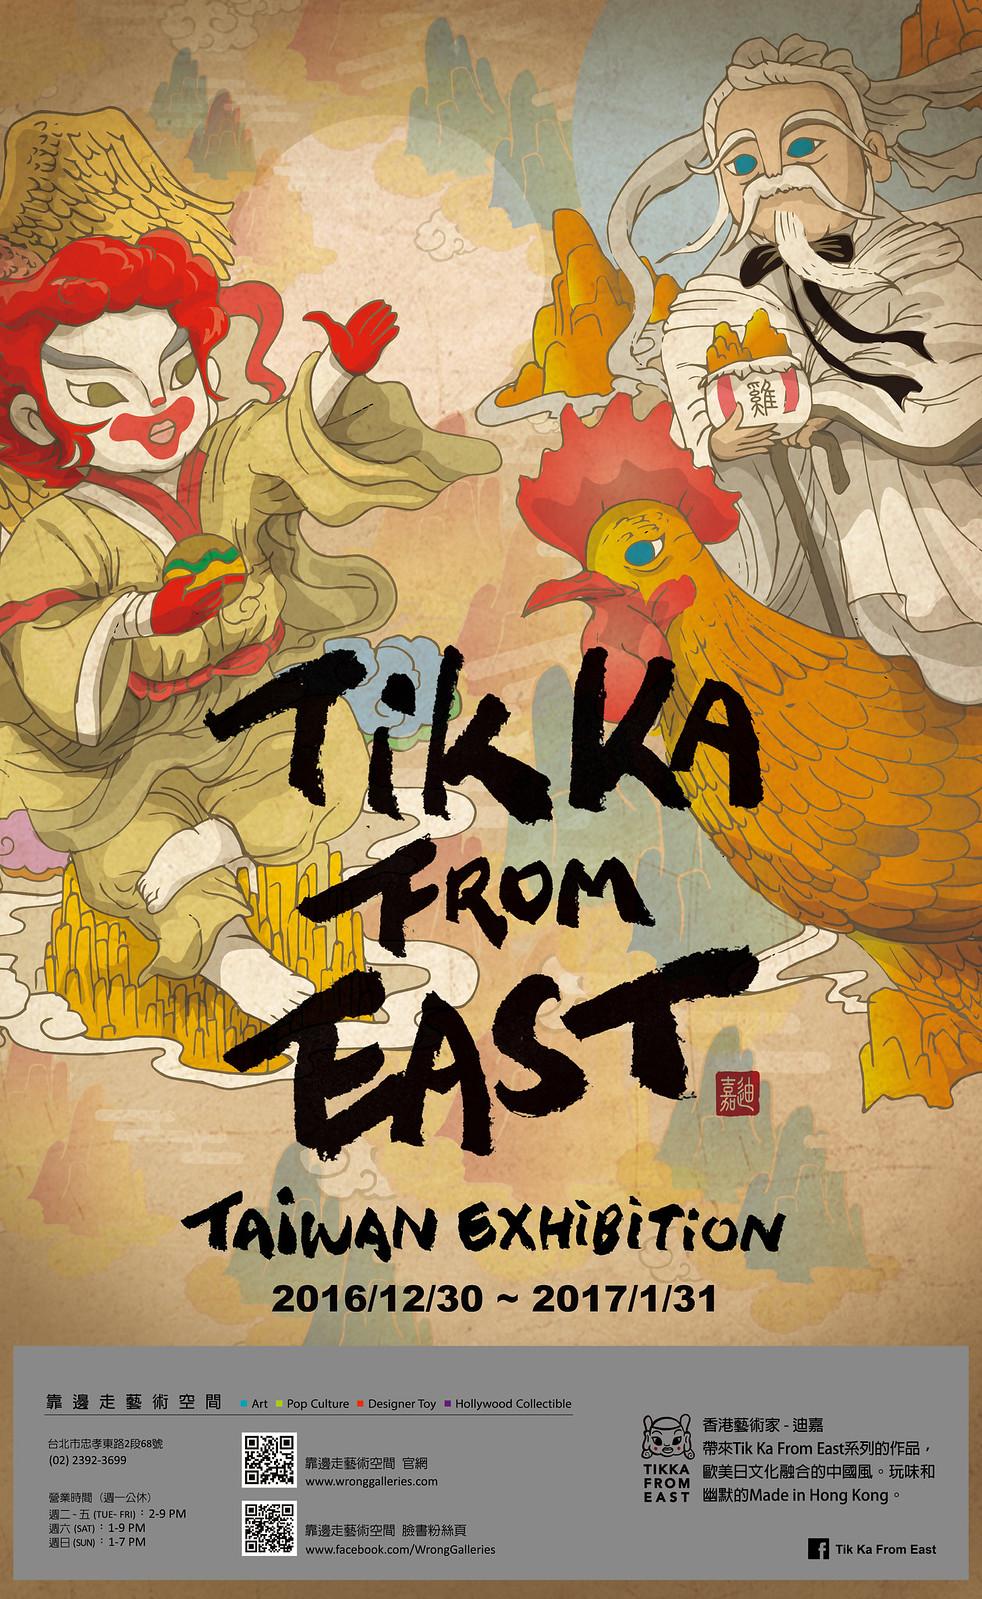 香港創作者「迪嘉」 台北靠邊走藝廊『Tik Ka from East』 展覽!